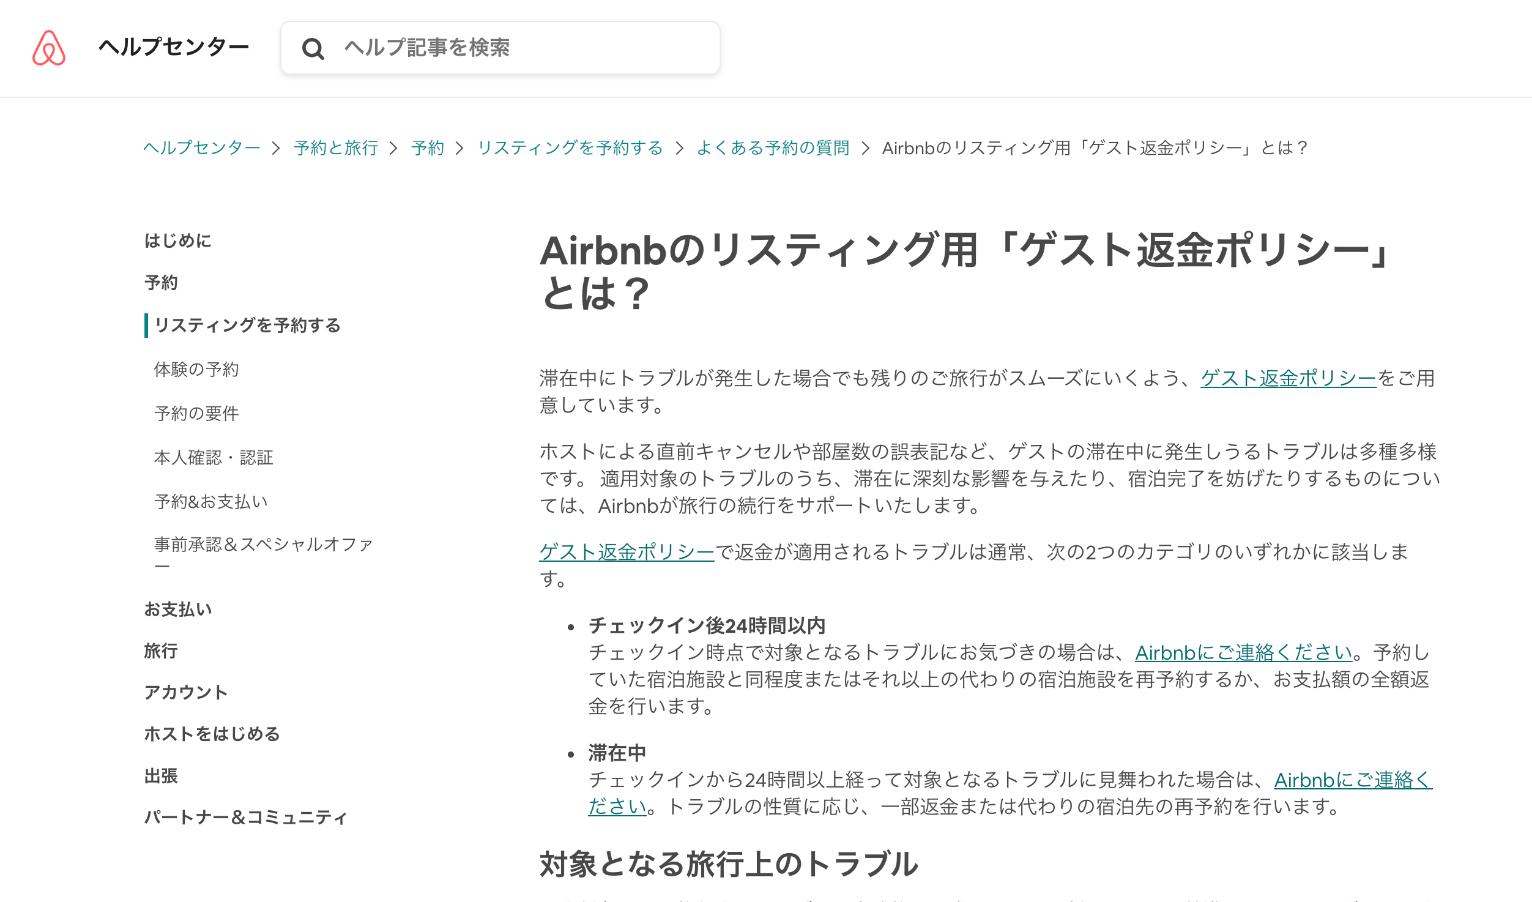 Airbnbが掲げるゲスト返金ポリシー。残念ながらあまり機能していないようです。